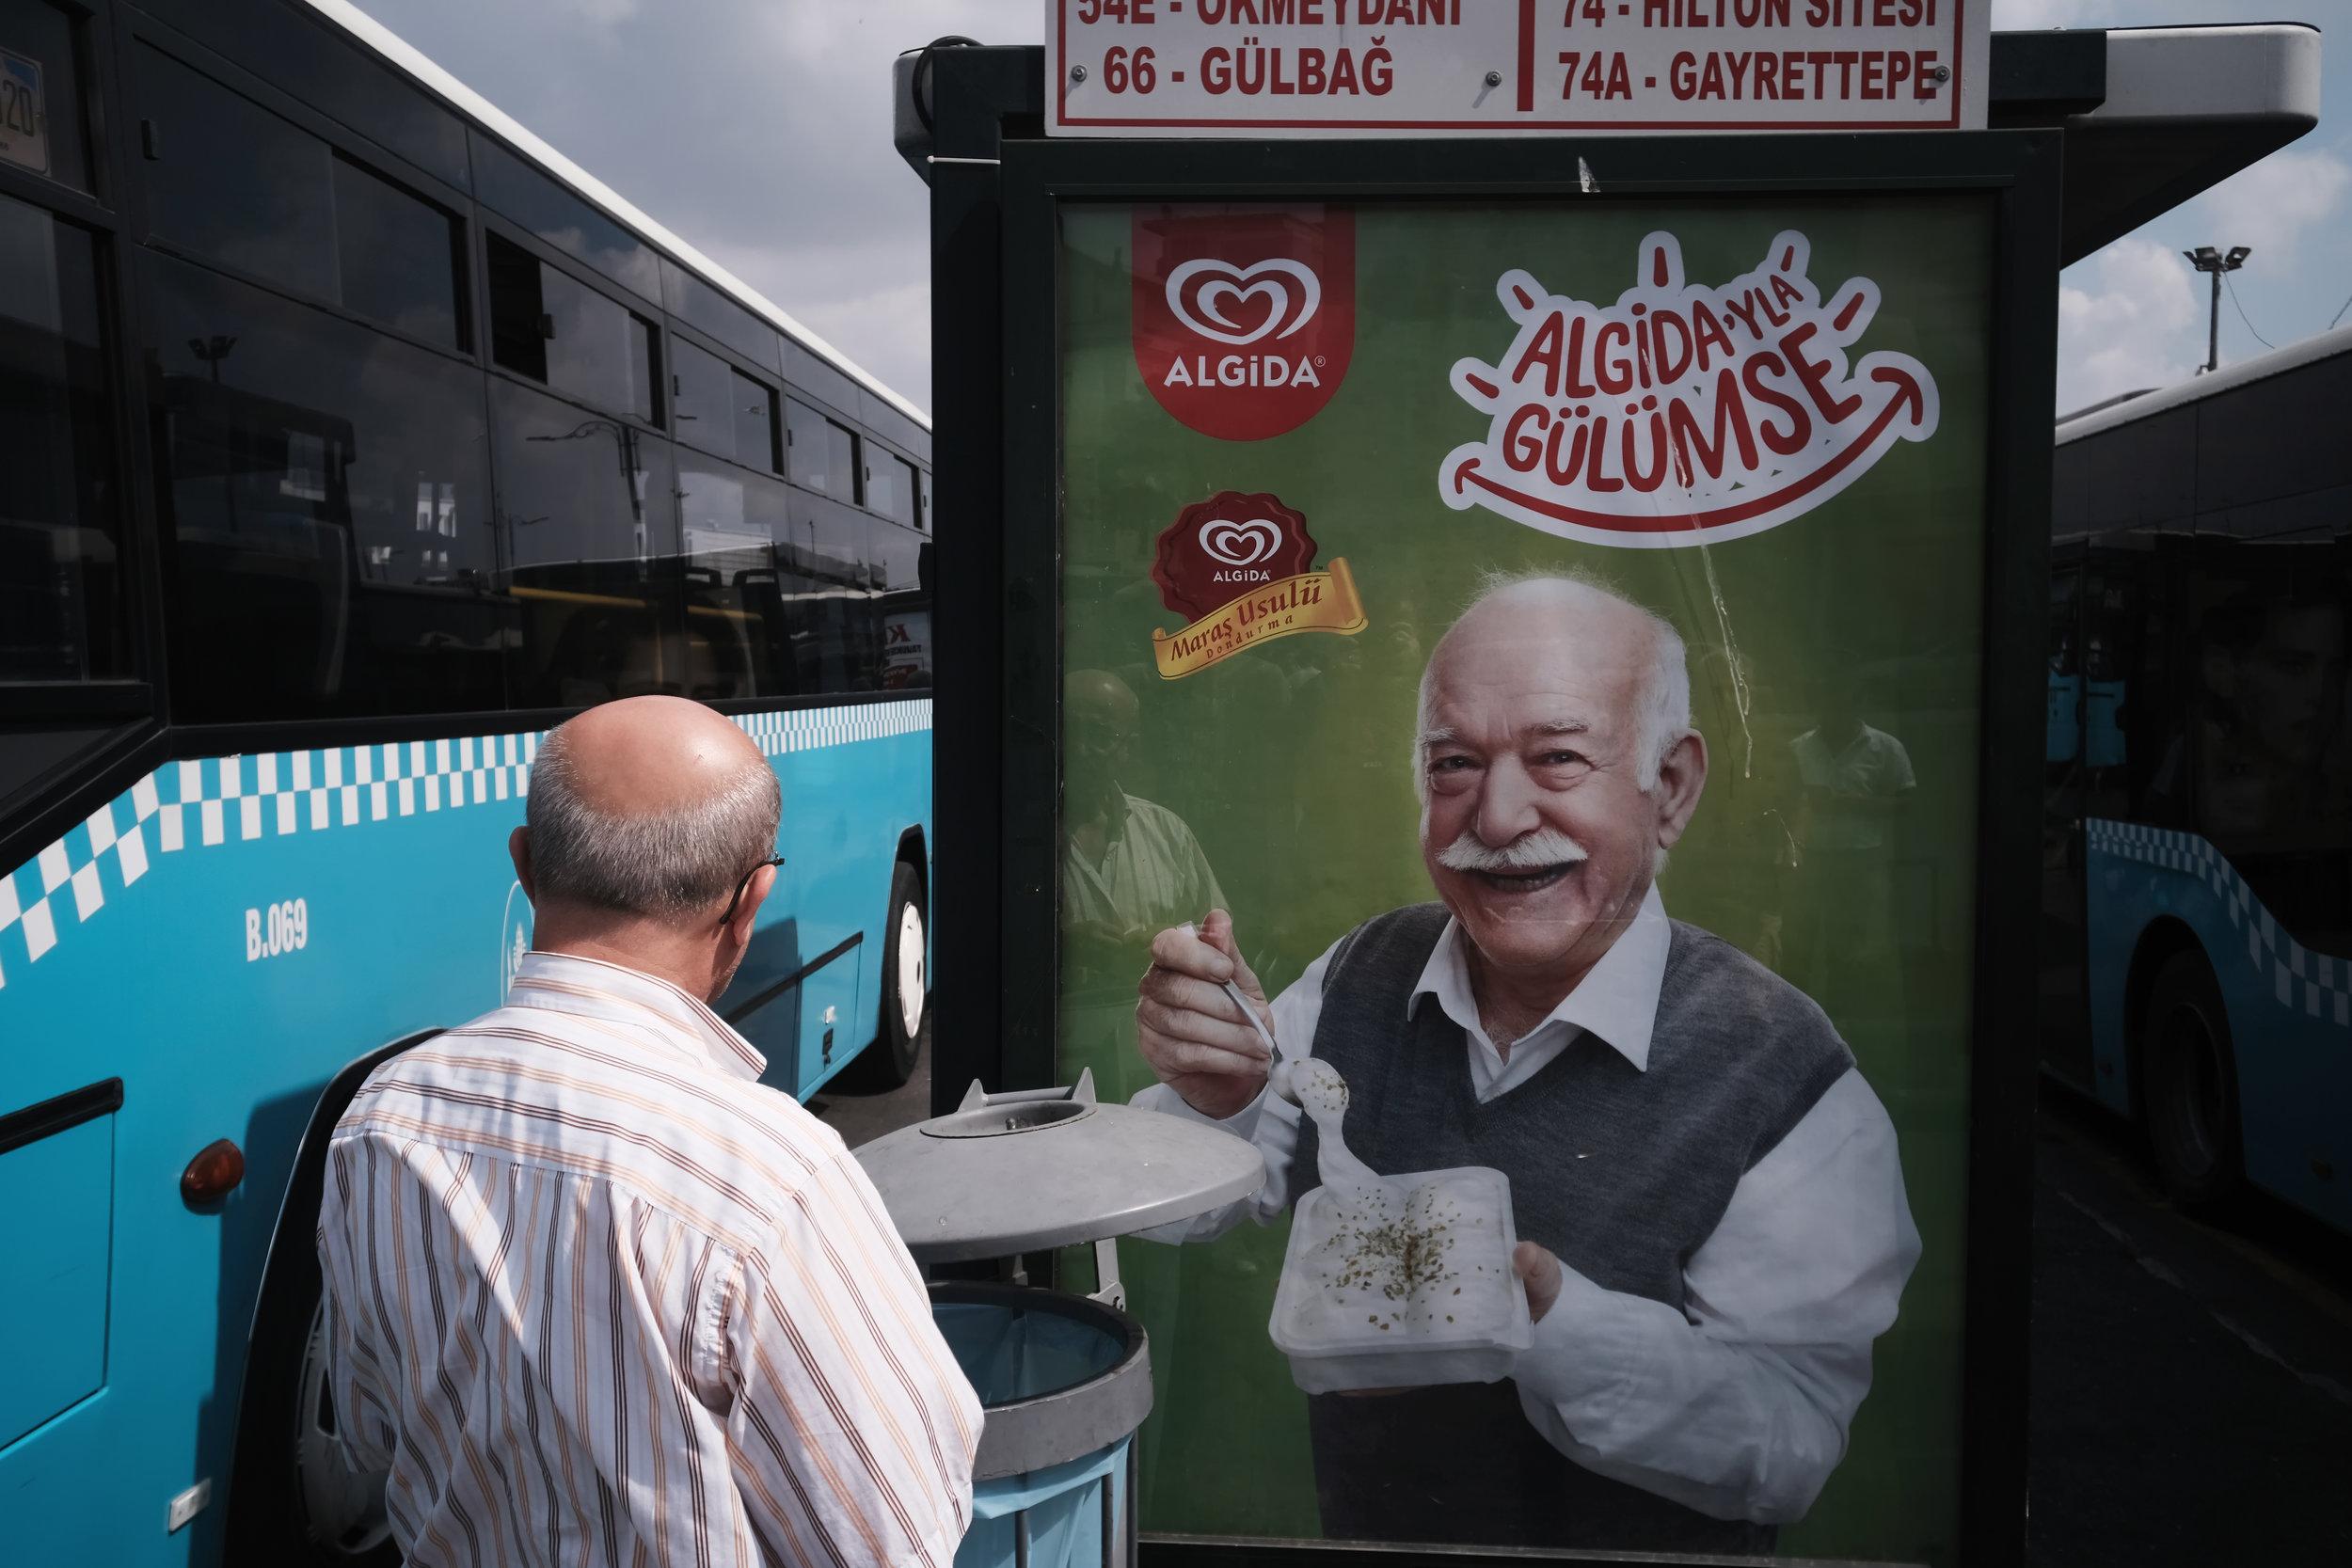 """23 - Alphan Yilmazmaden """"Eminönü Bus Station"""" Istanbul, 2018"""